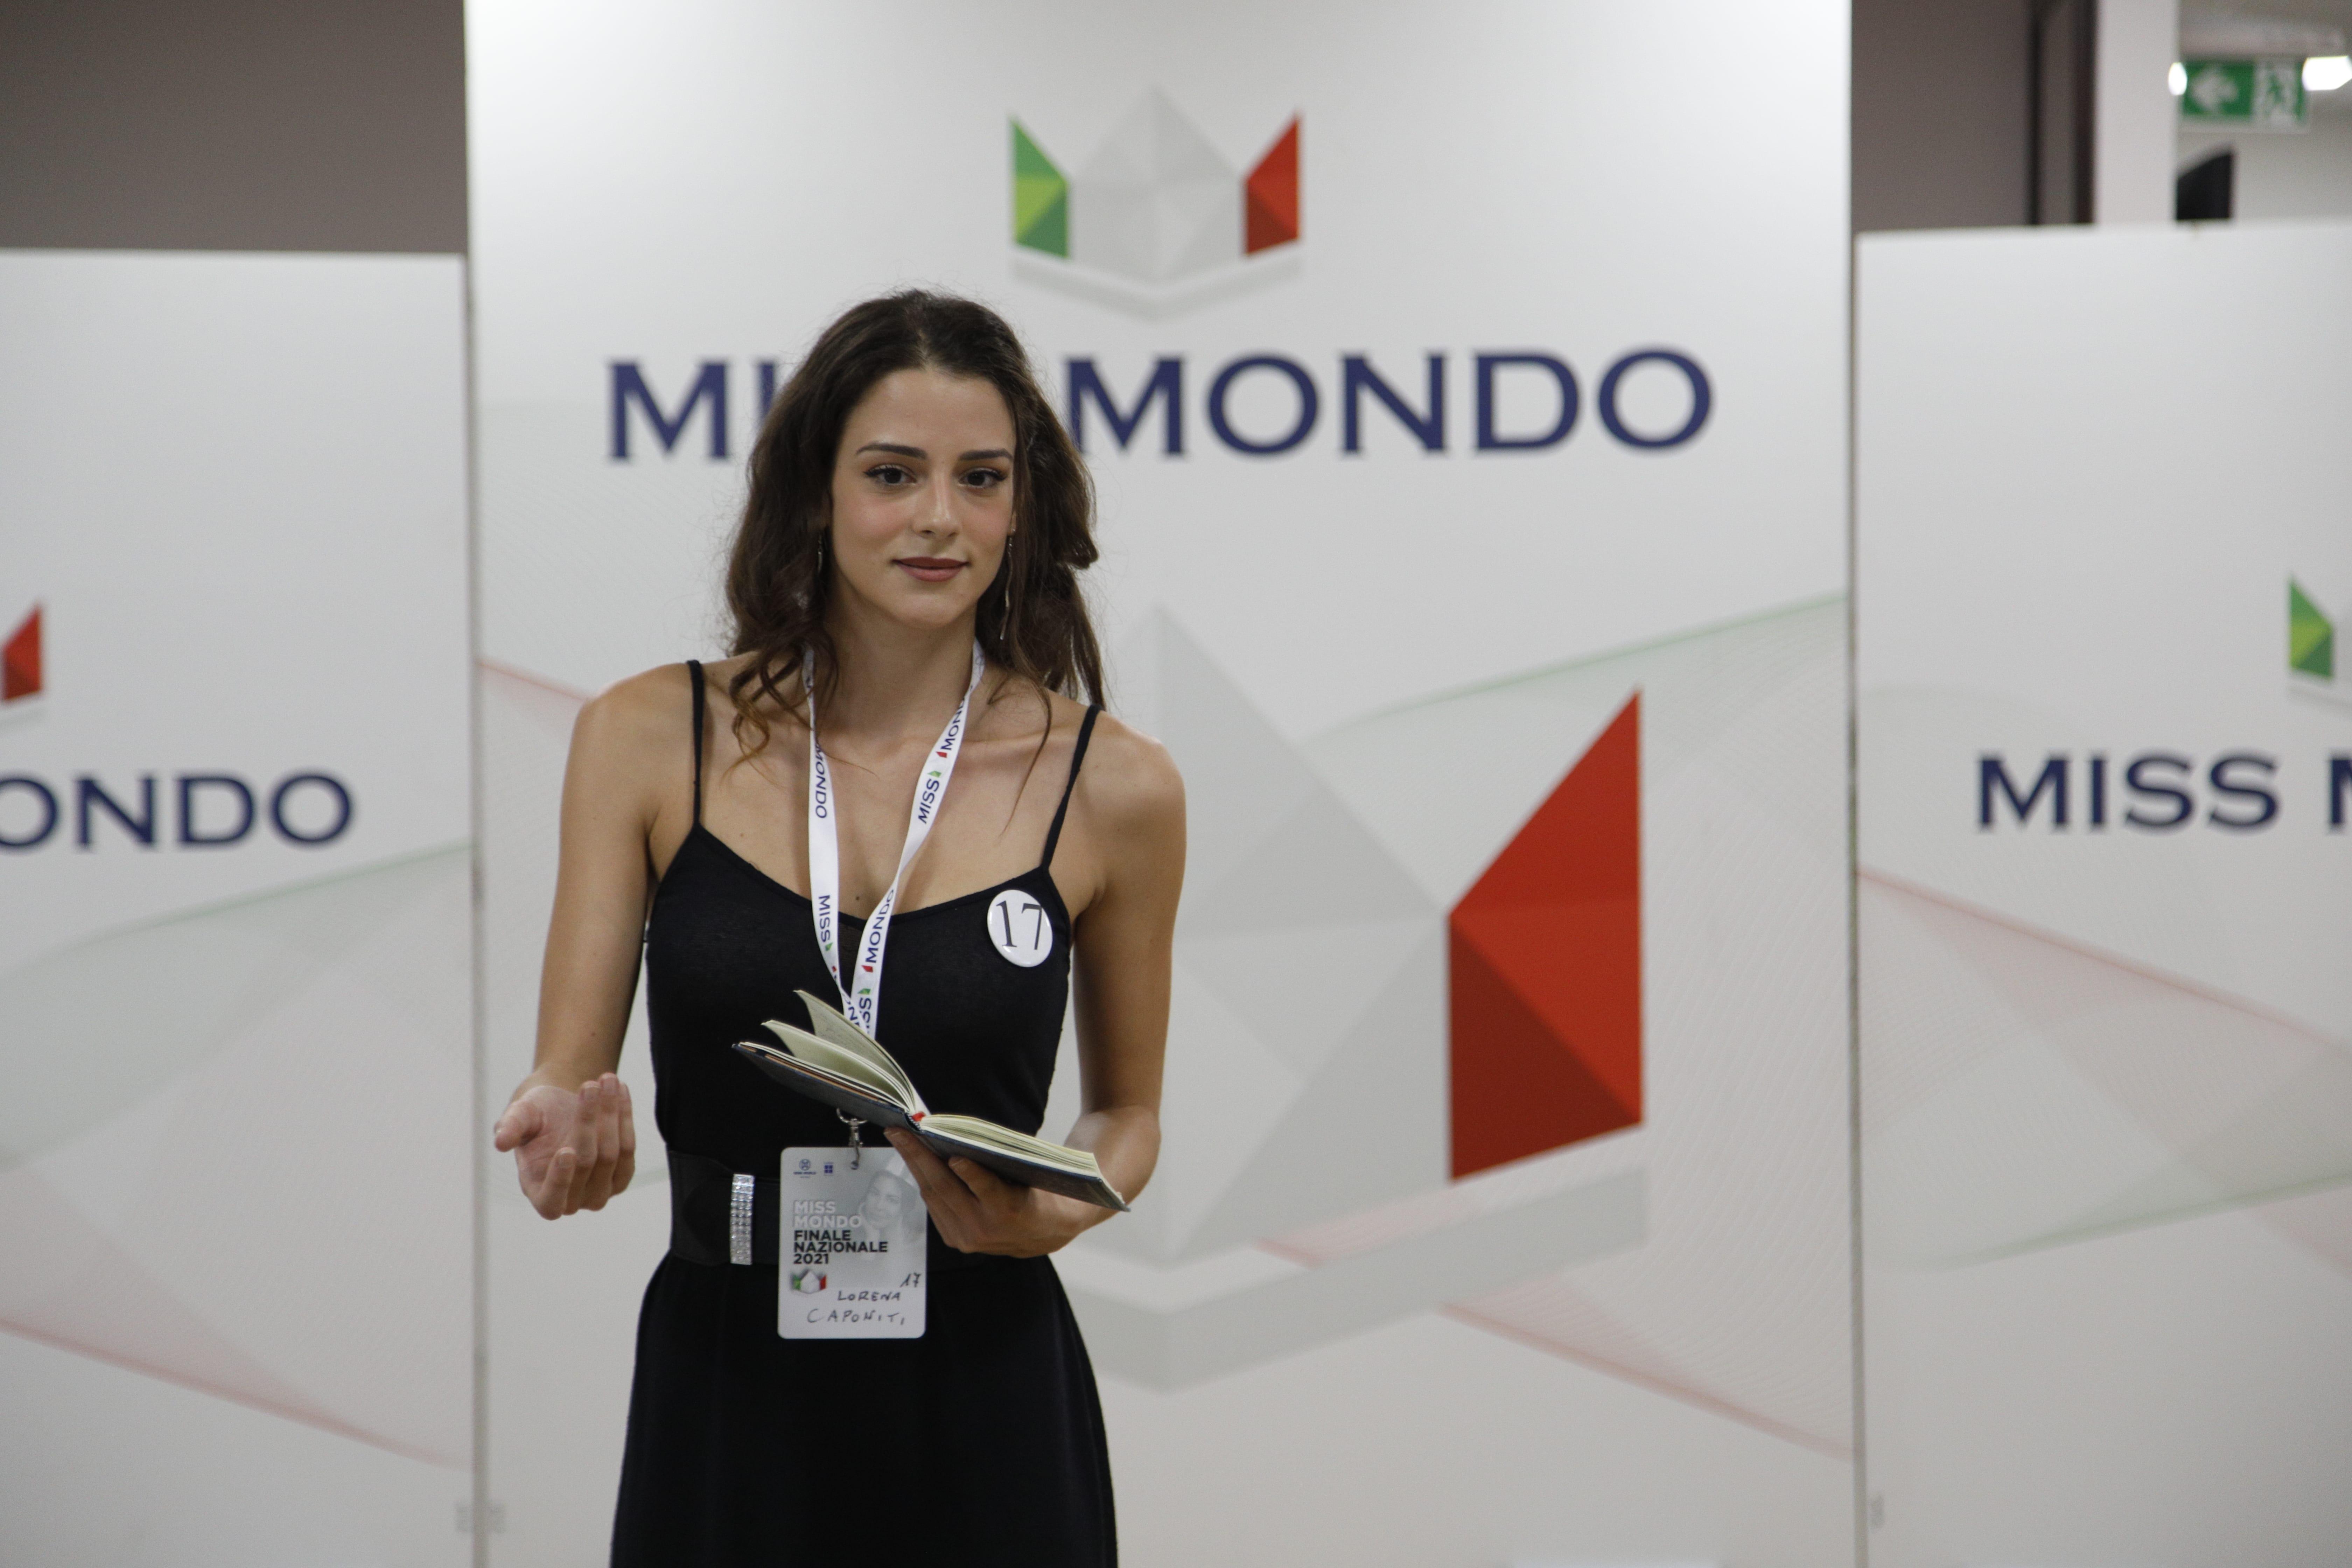 Finale nazione Miss Mondo Italia 2021 Audizione Talent 1 - 23